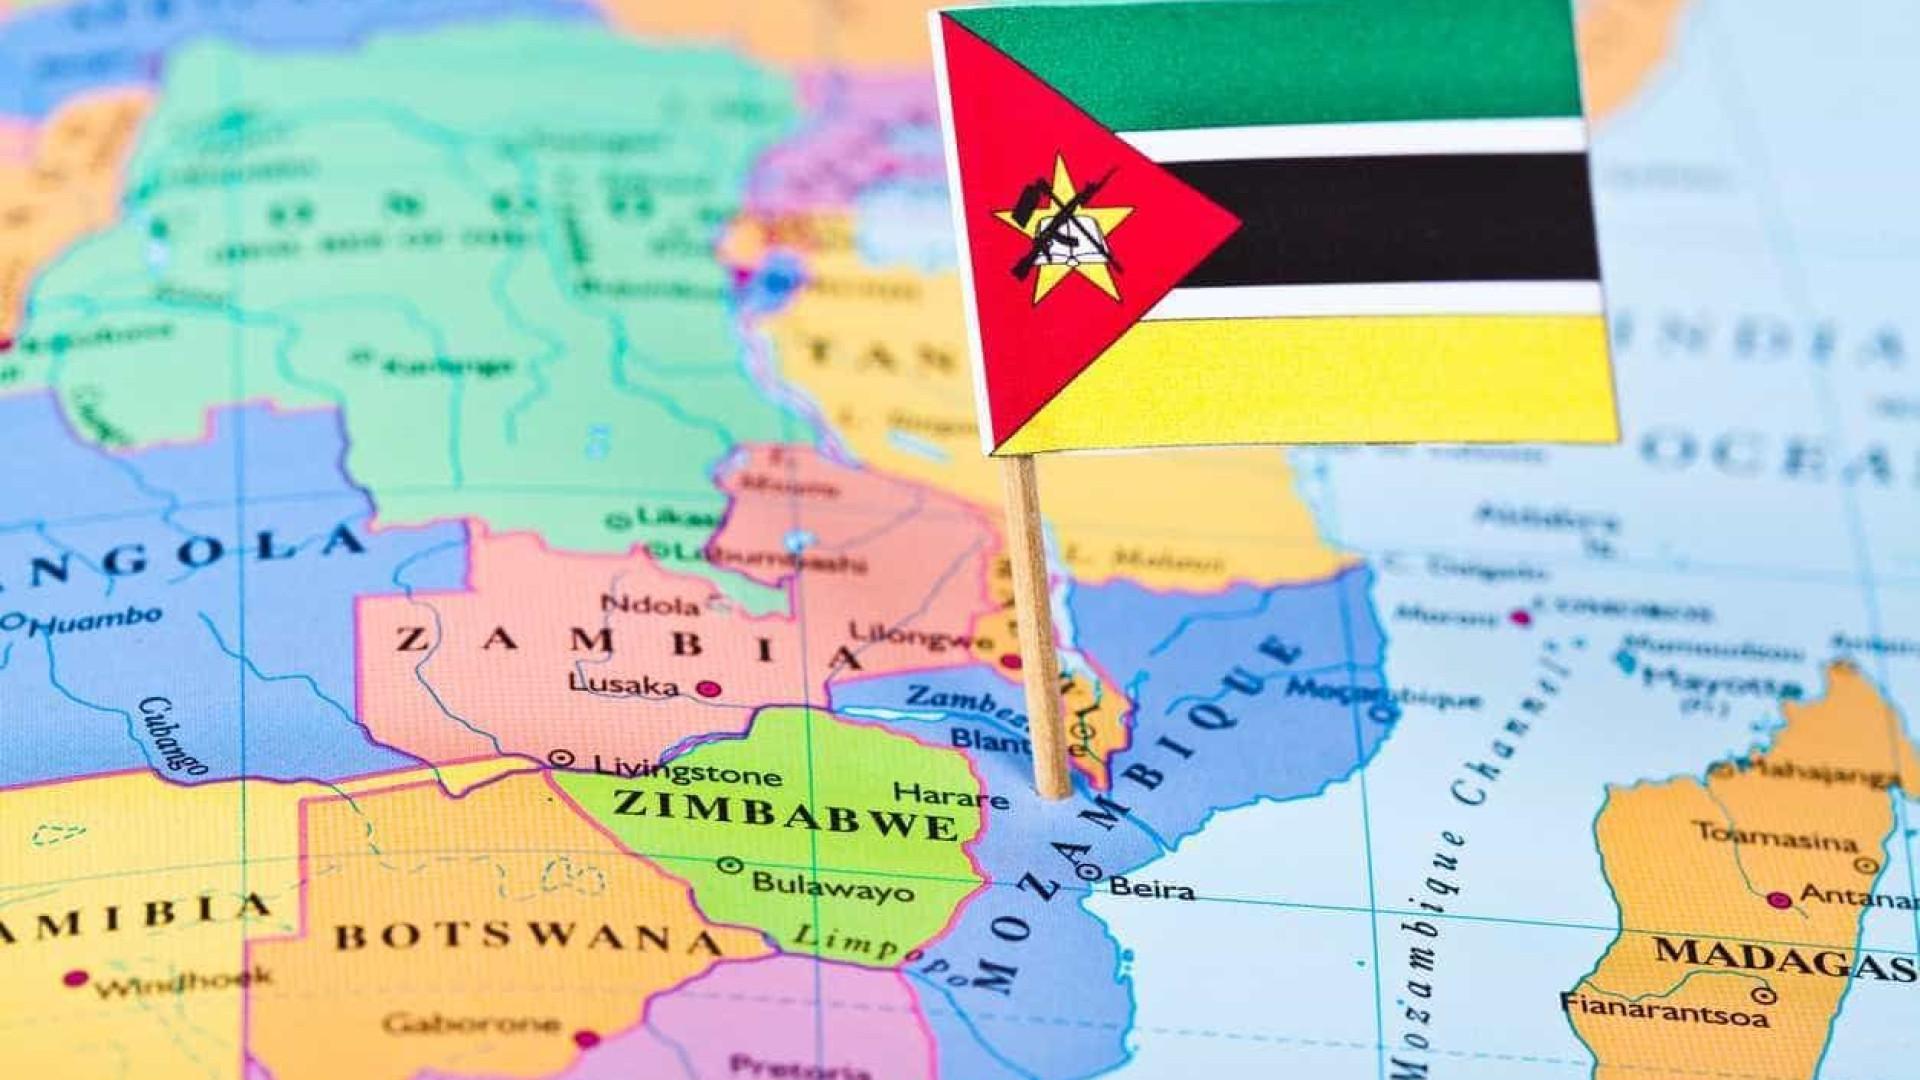 Empresa públicas de Moçambique são viáveis se houver vontade política